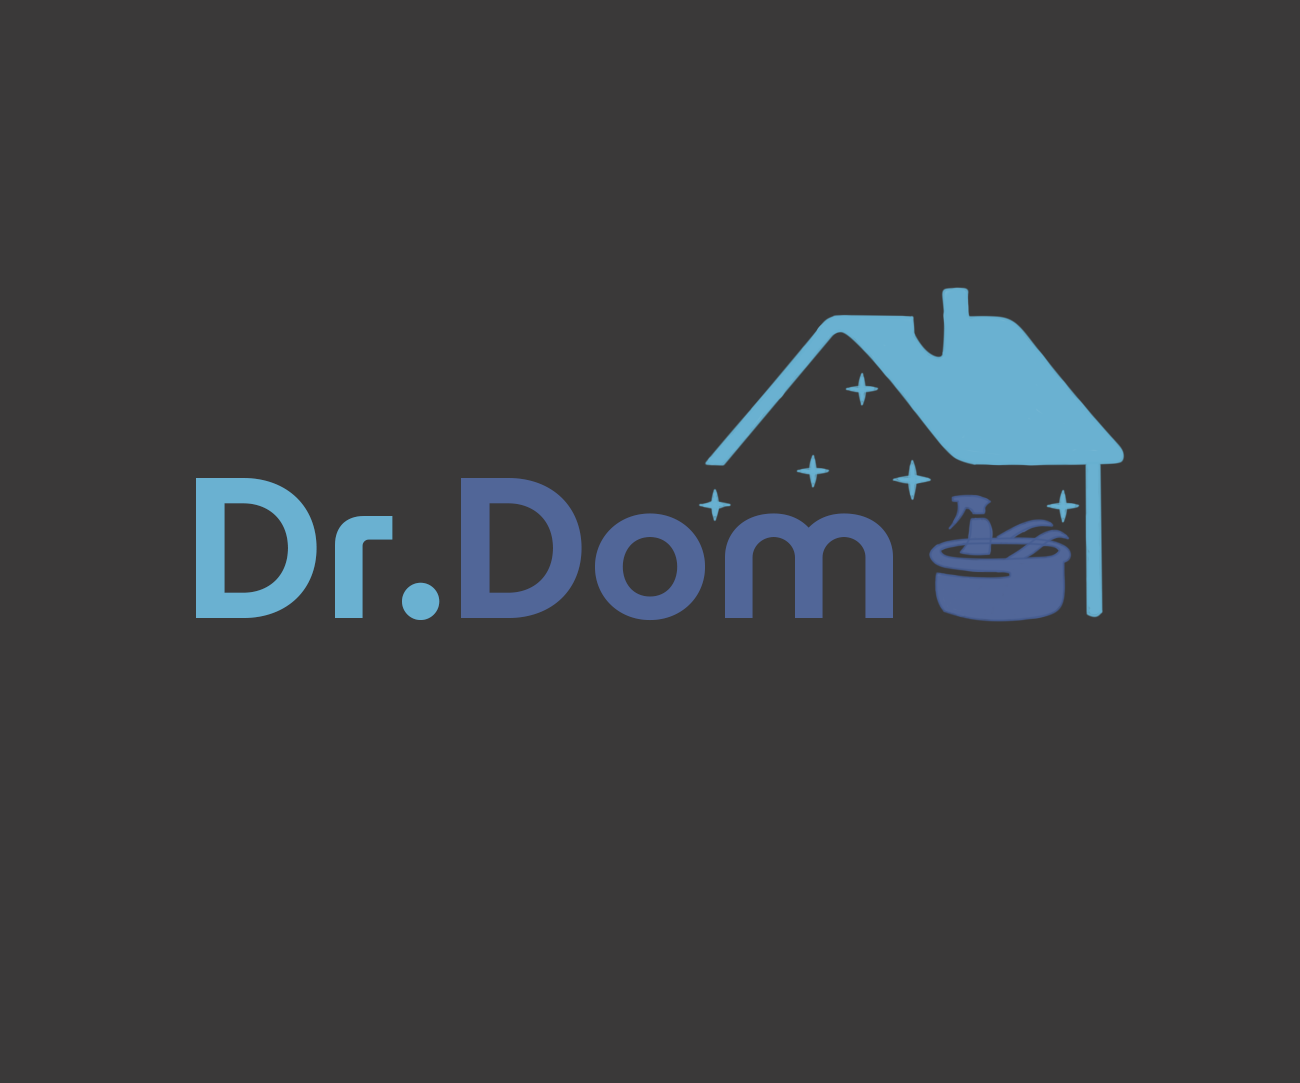 Разработать логотип для сети магазинов бытовой химии и товаров для уборки фото f_08660094022aac80.png